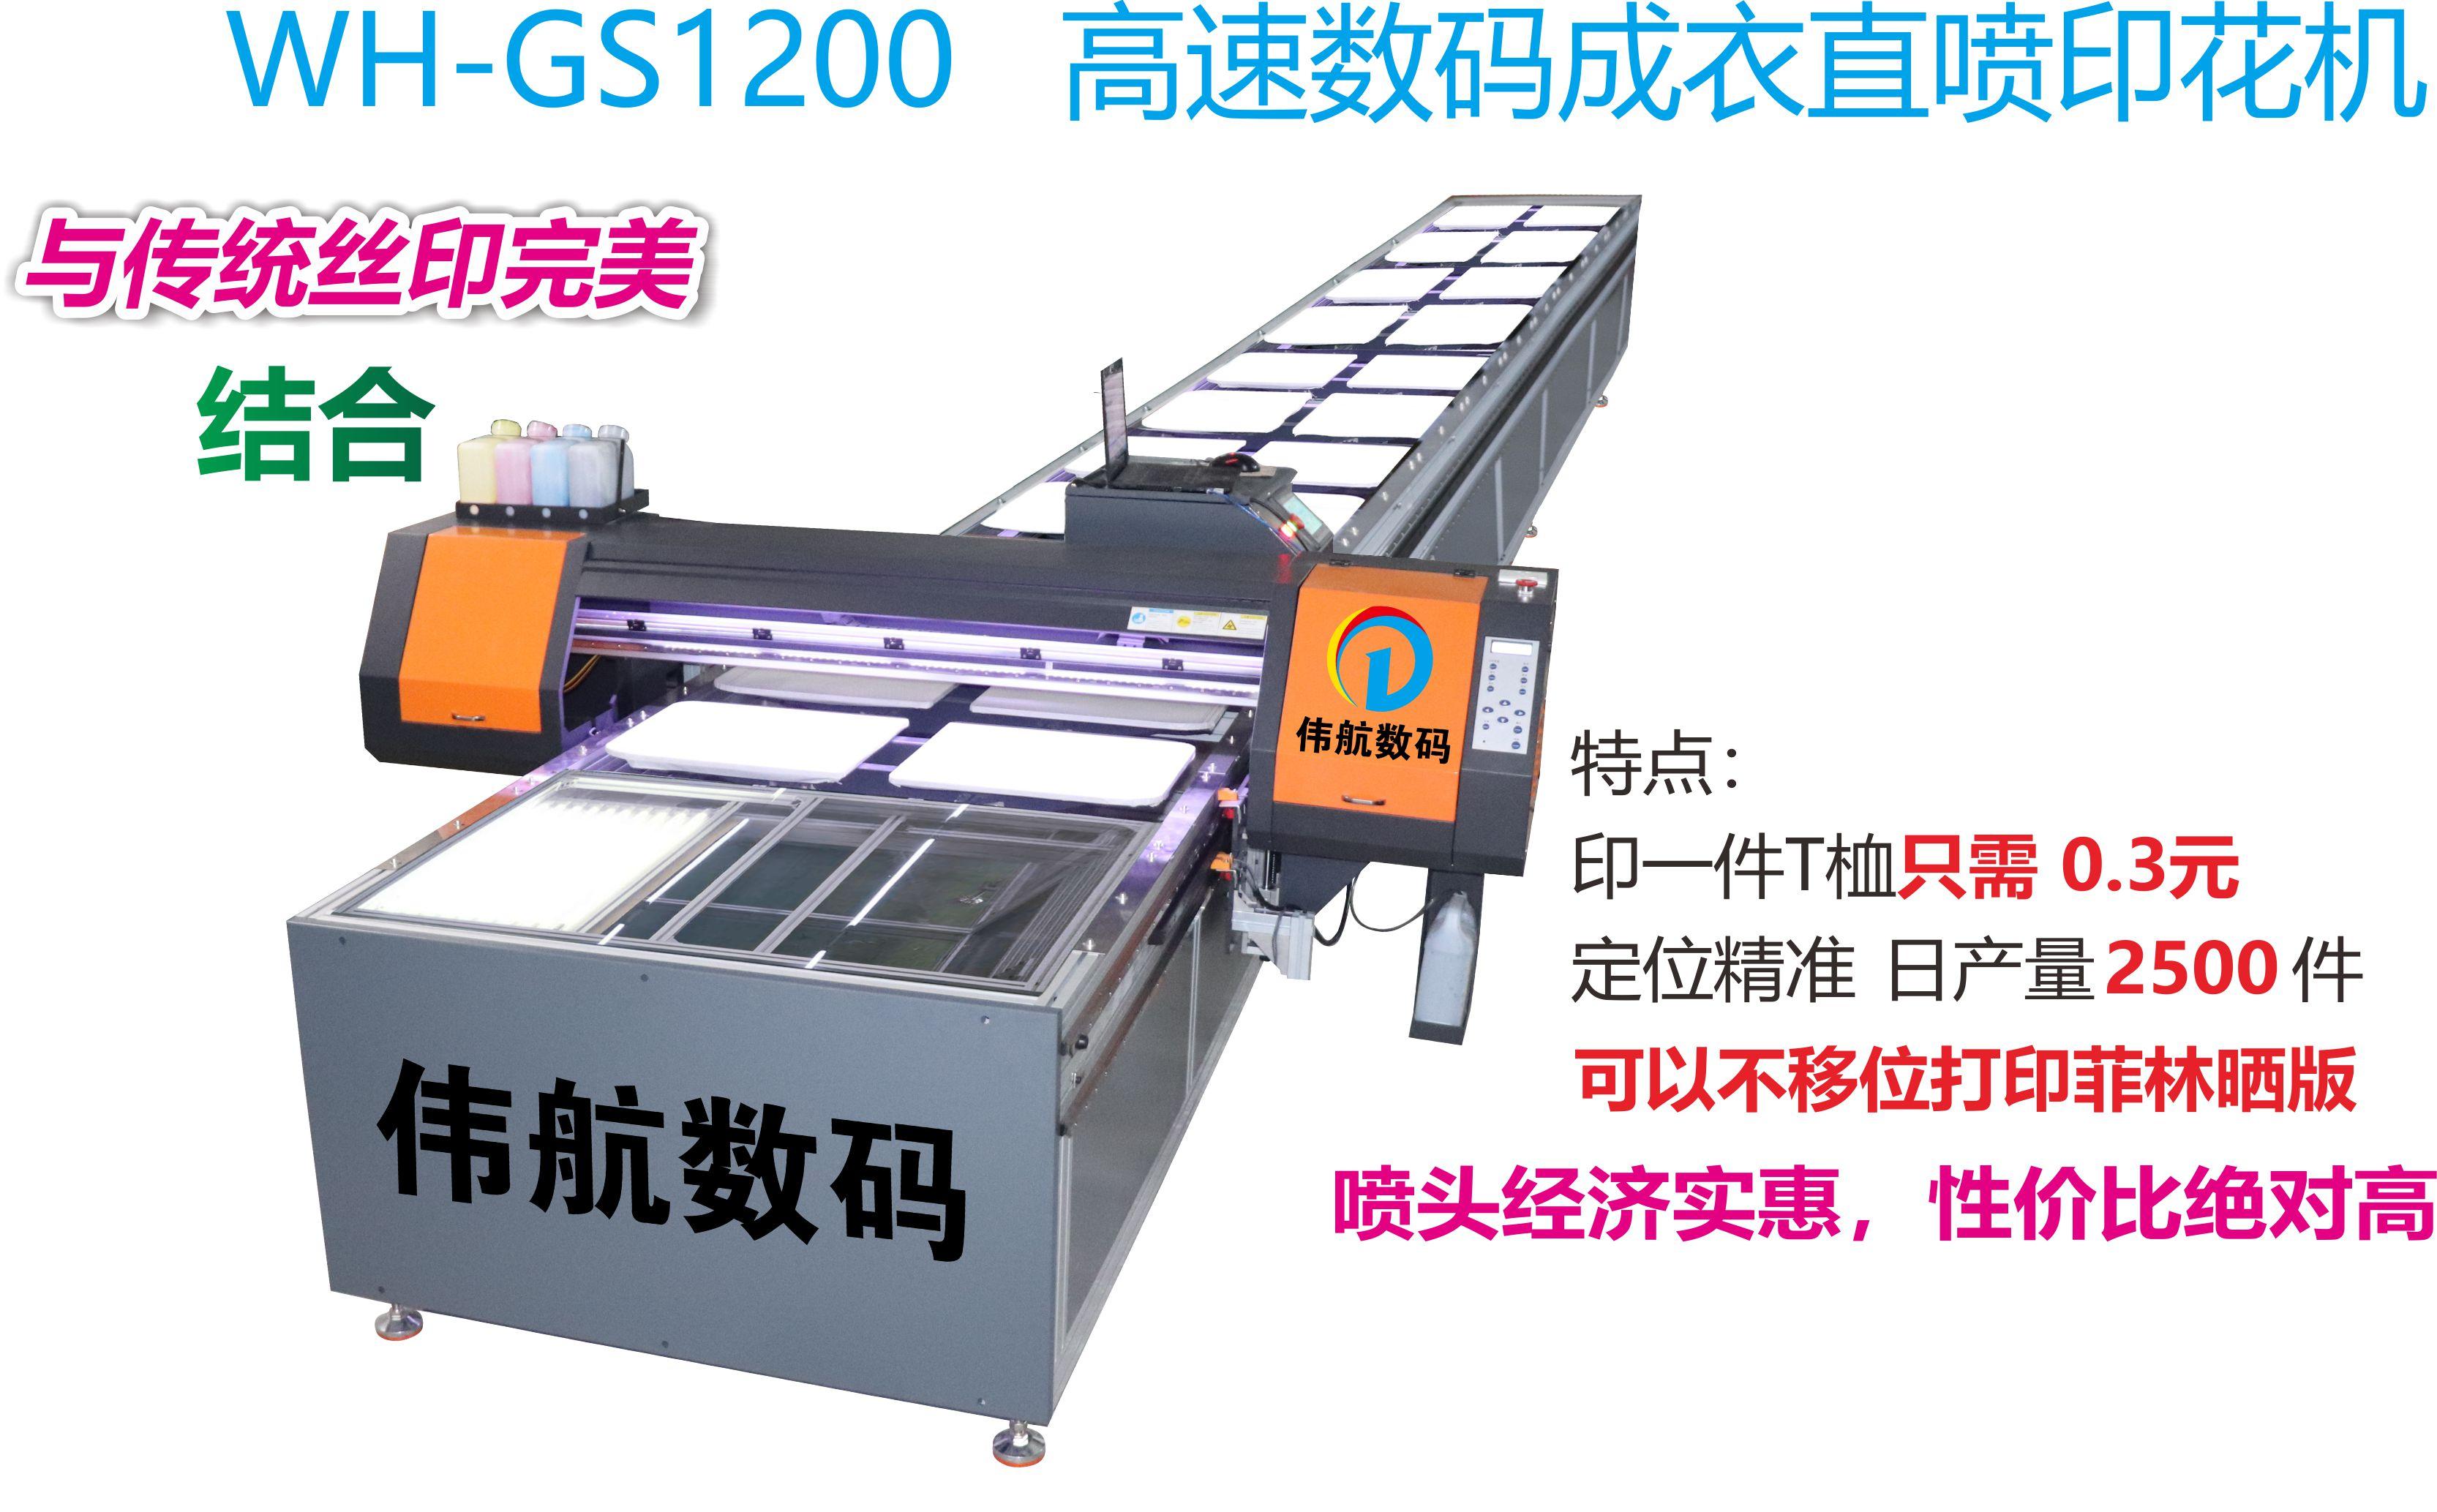 数码印花的机器多钱一台伟航数码直喷印花机新报价